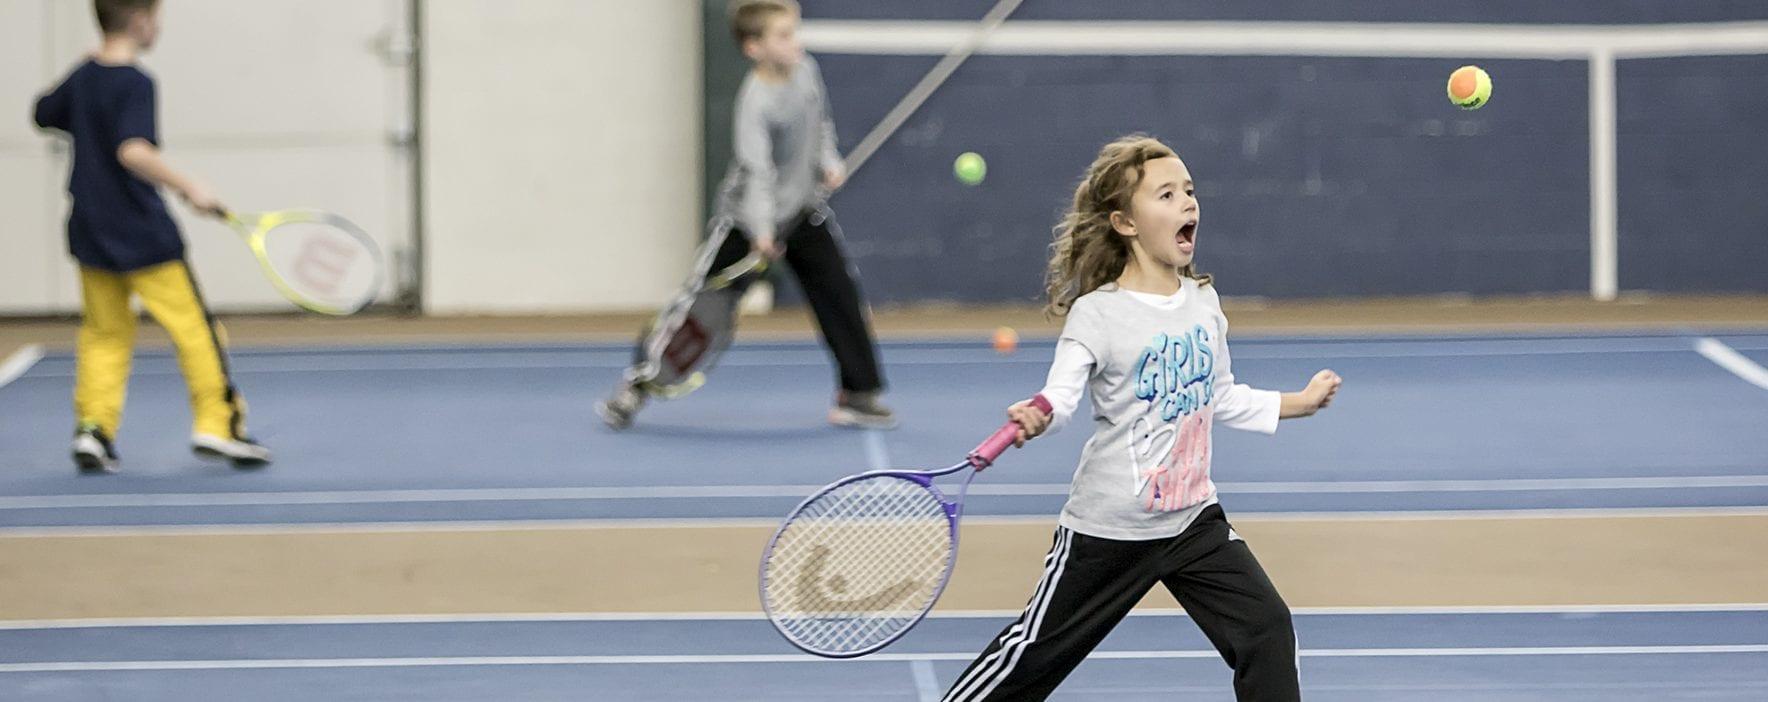 young girl hitting tennis ball